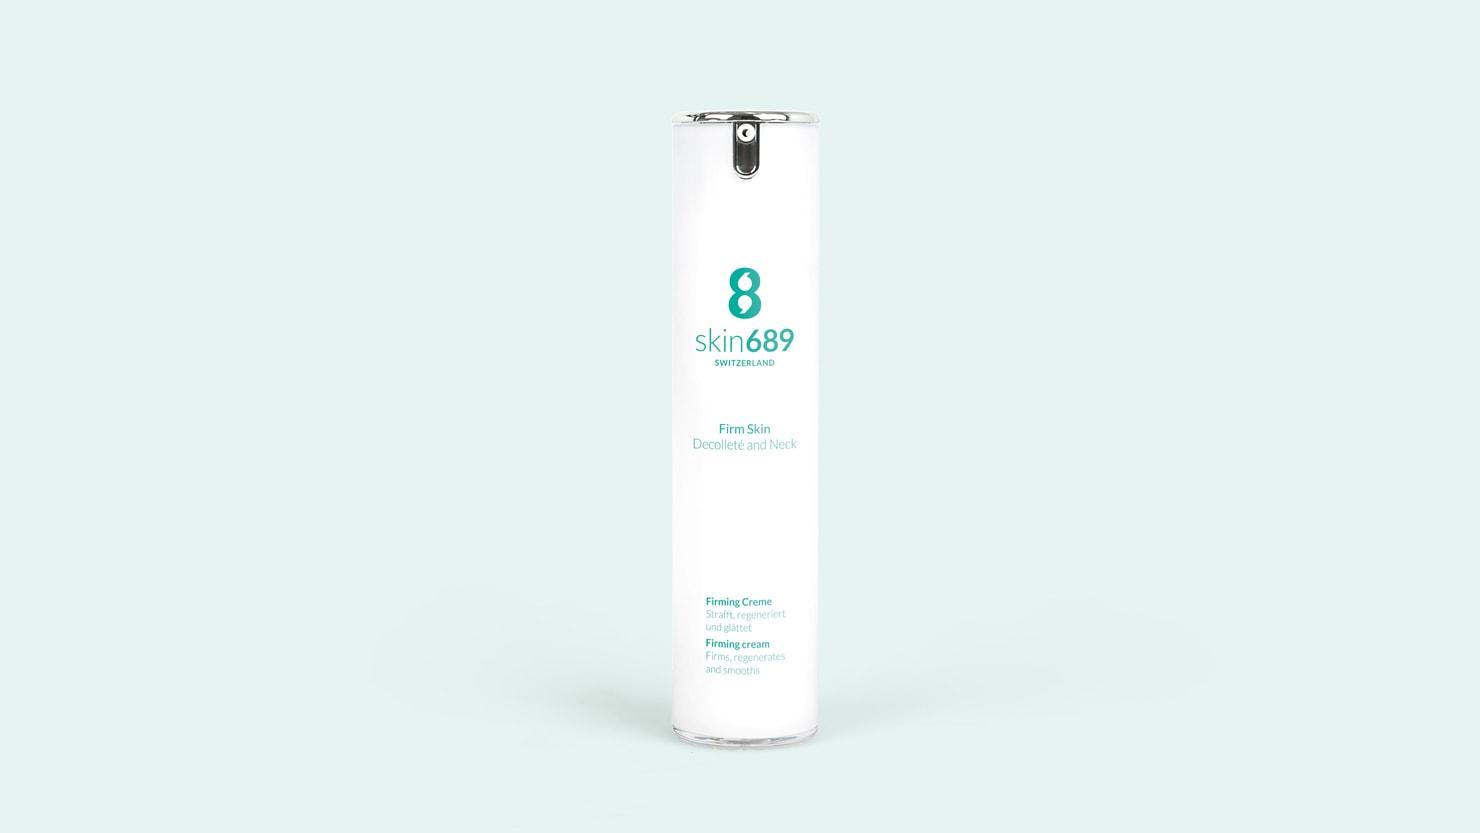 Produktbild der Die Firm Skin Decolleté and Neck Creme von skin689®